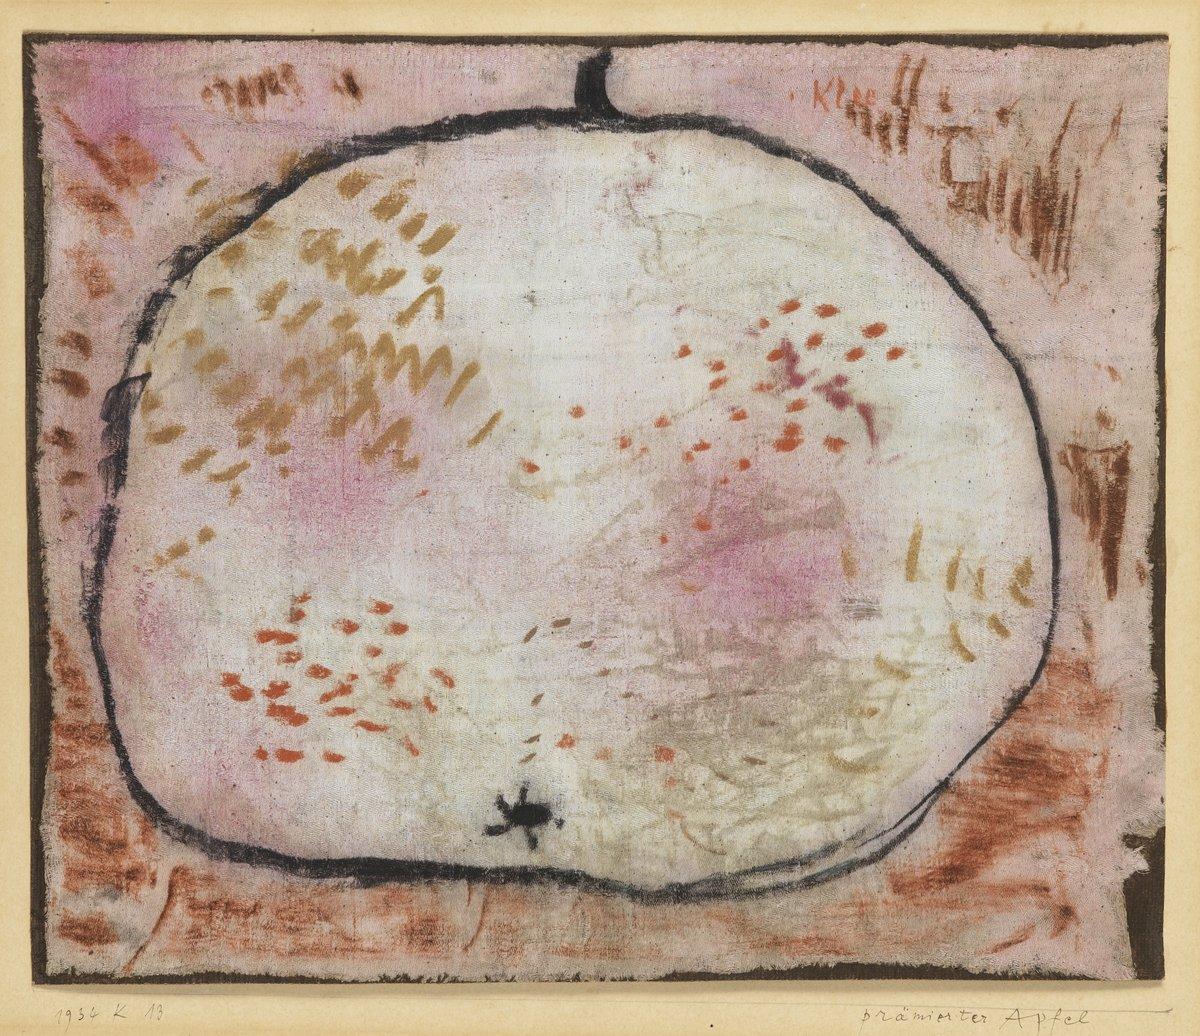 Клее Пауль, картина Наградное яблокоКлее Пауль<br>Репродукция на холсте или бумаге. Любого нужного вам размера. В раме или без. Подвес в комплекте. Трехслойная надежная упаковка. Доставим в любую точку России. Вам осталось только повесить картину на стену!<br>